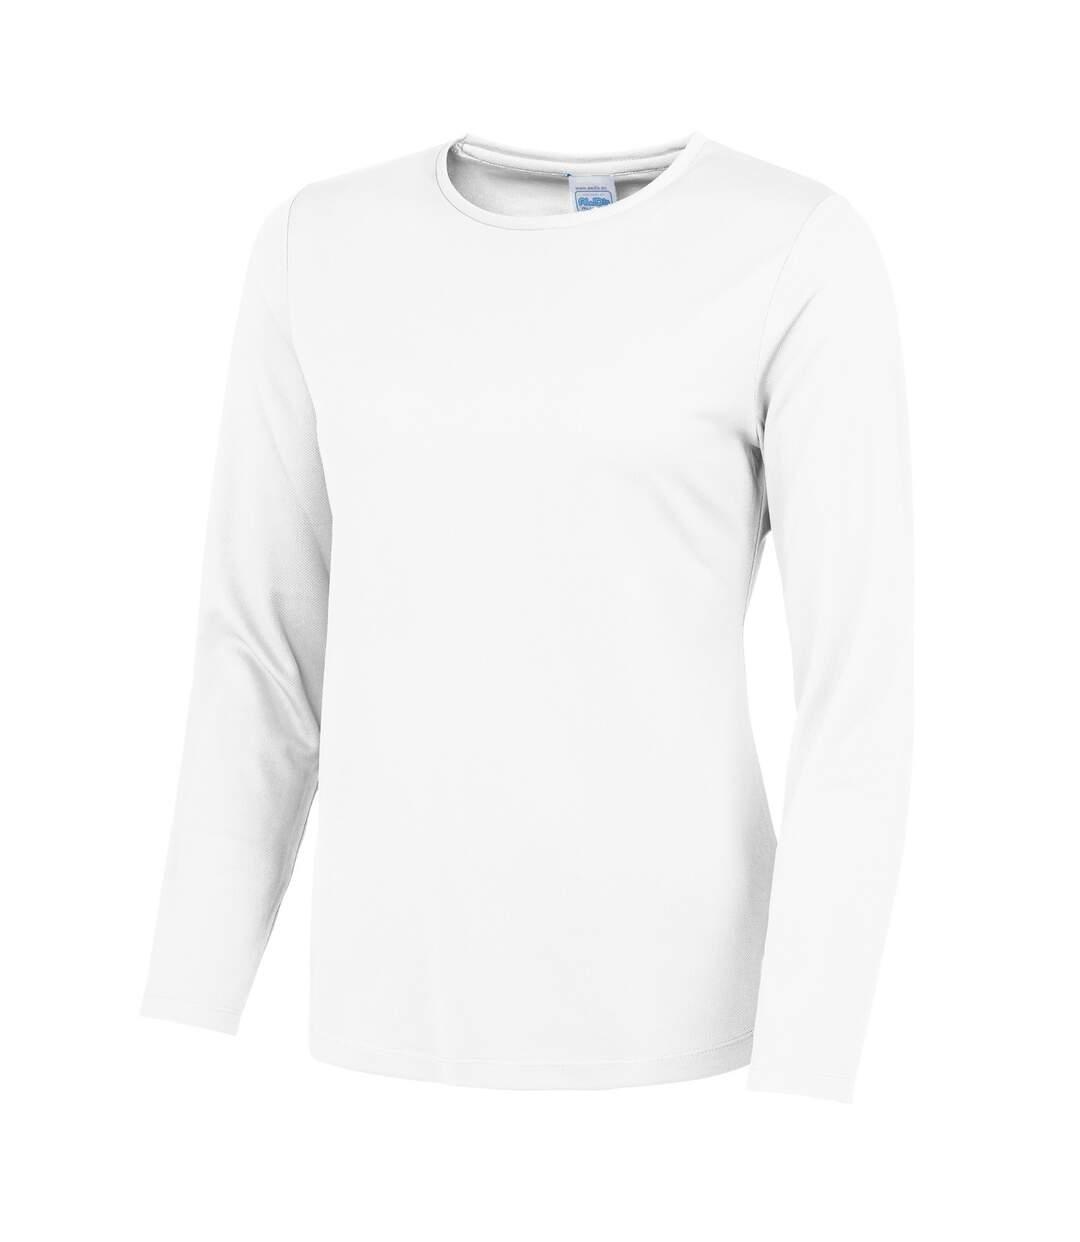 Awdis Just Cool - T-Shirt À Manches Longues - Femme (Blanc arctique) - UTRW4814